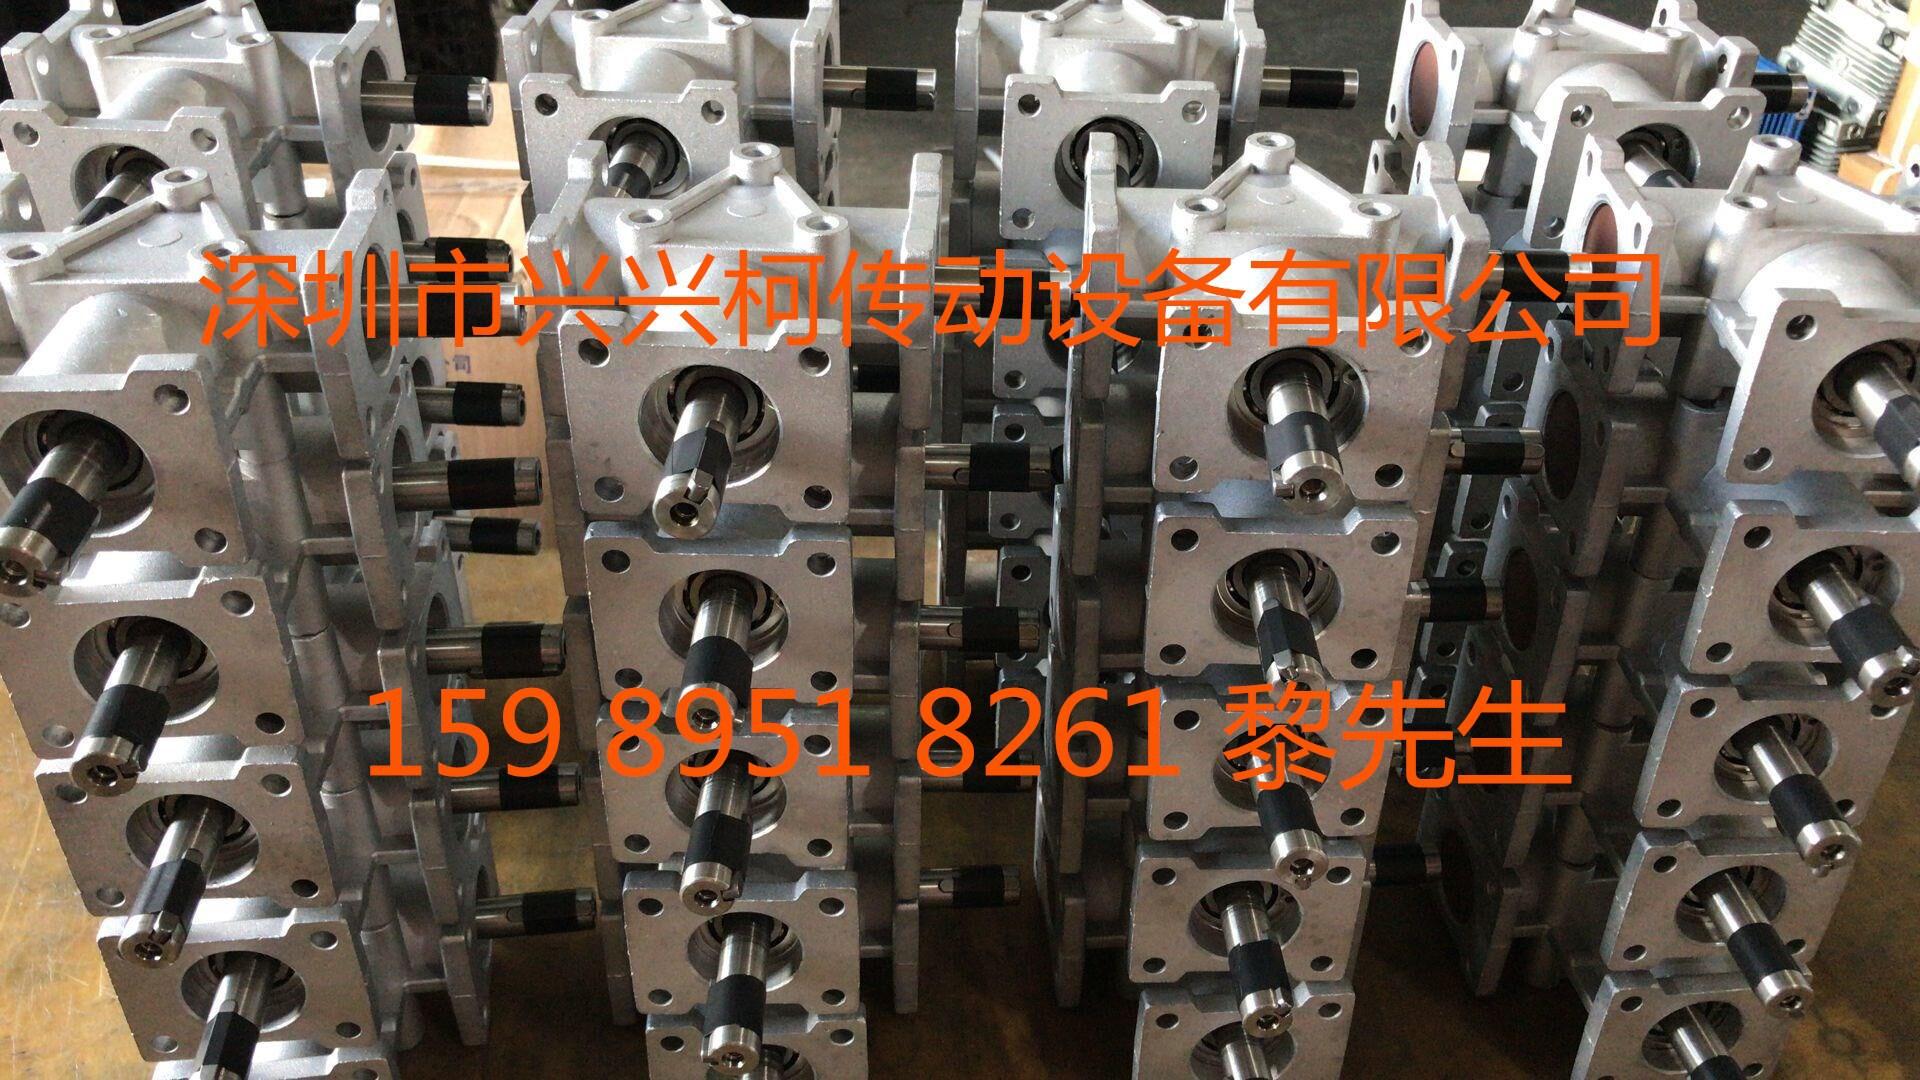 中山供應ARA1十字轉向器/工廠供應轉向器/可非標定制